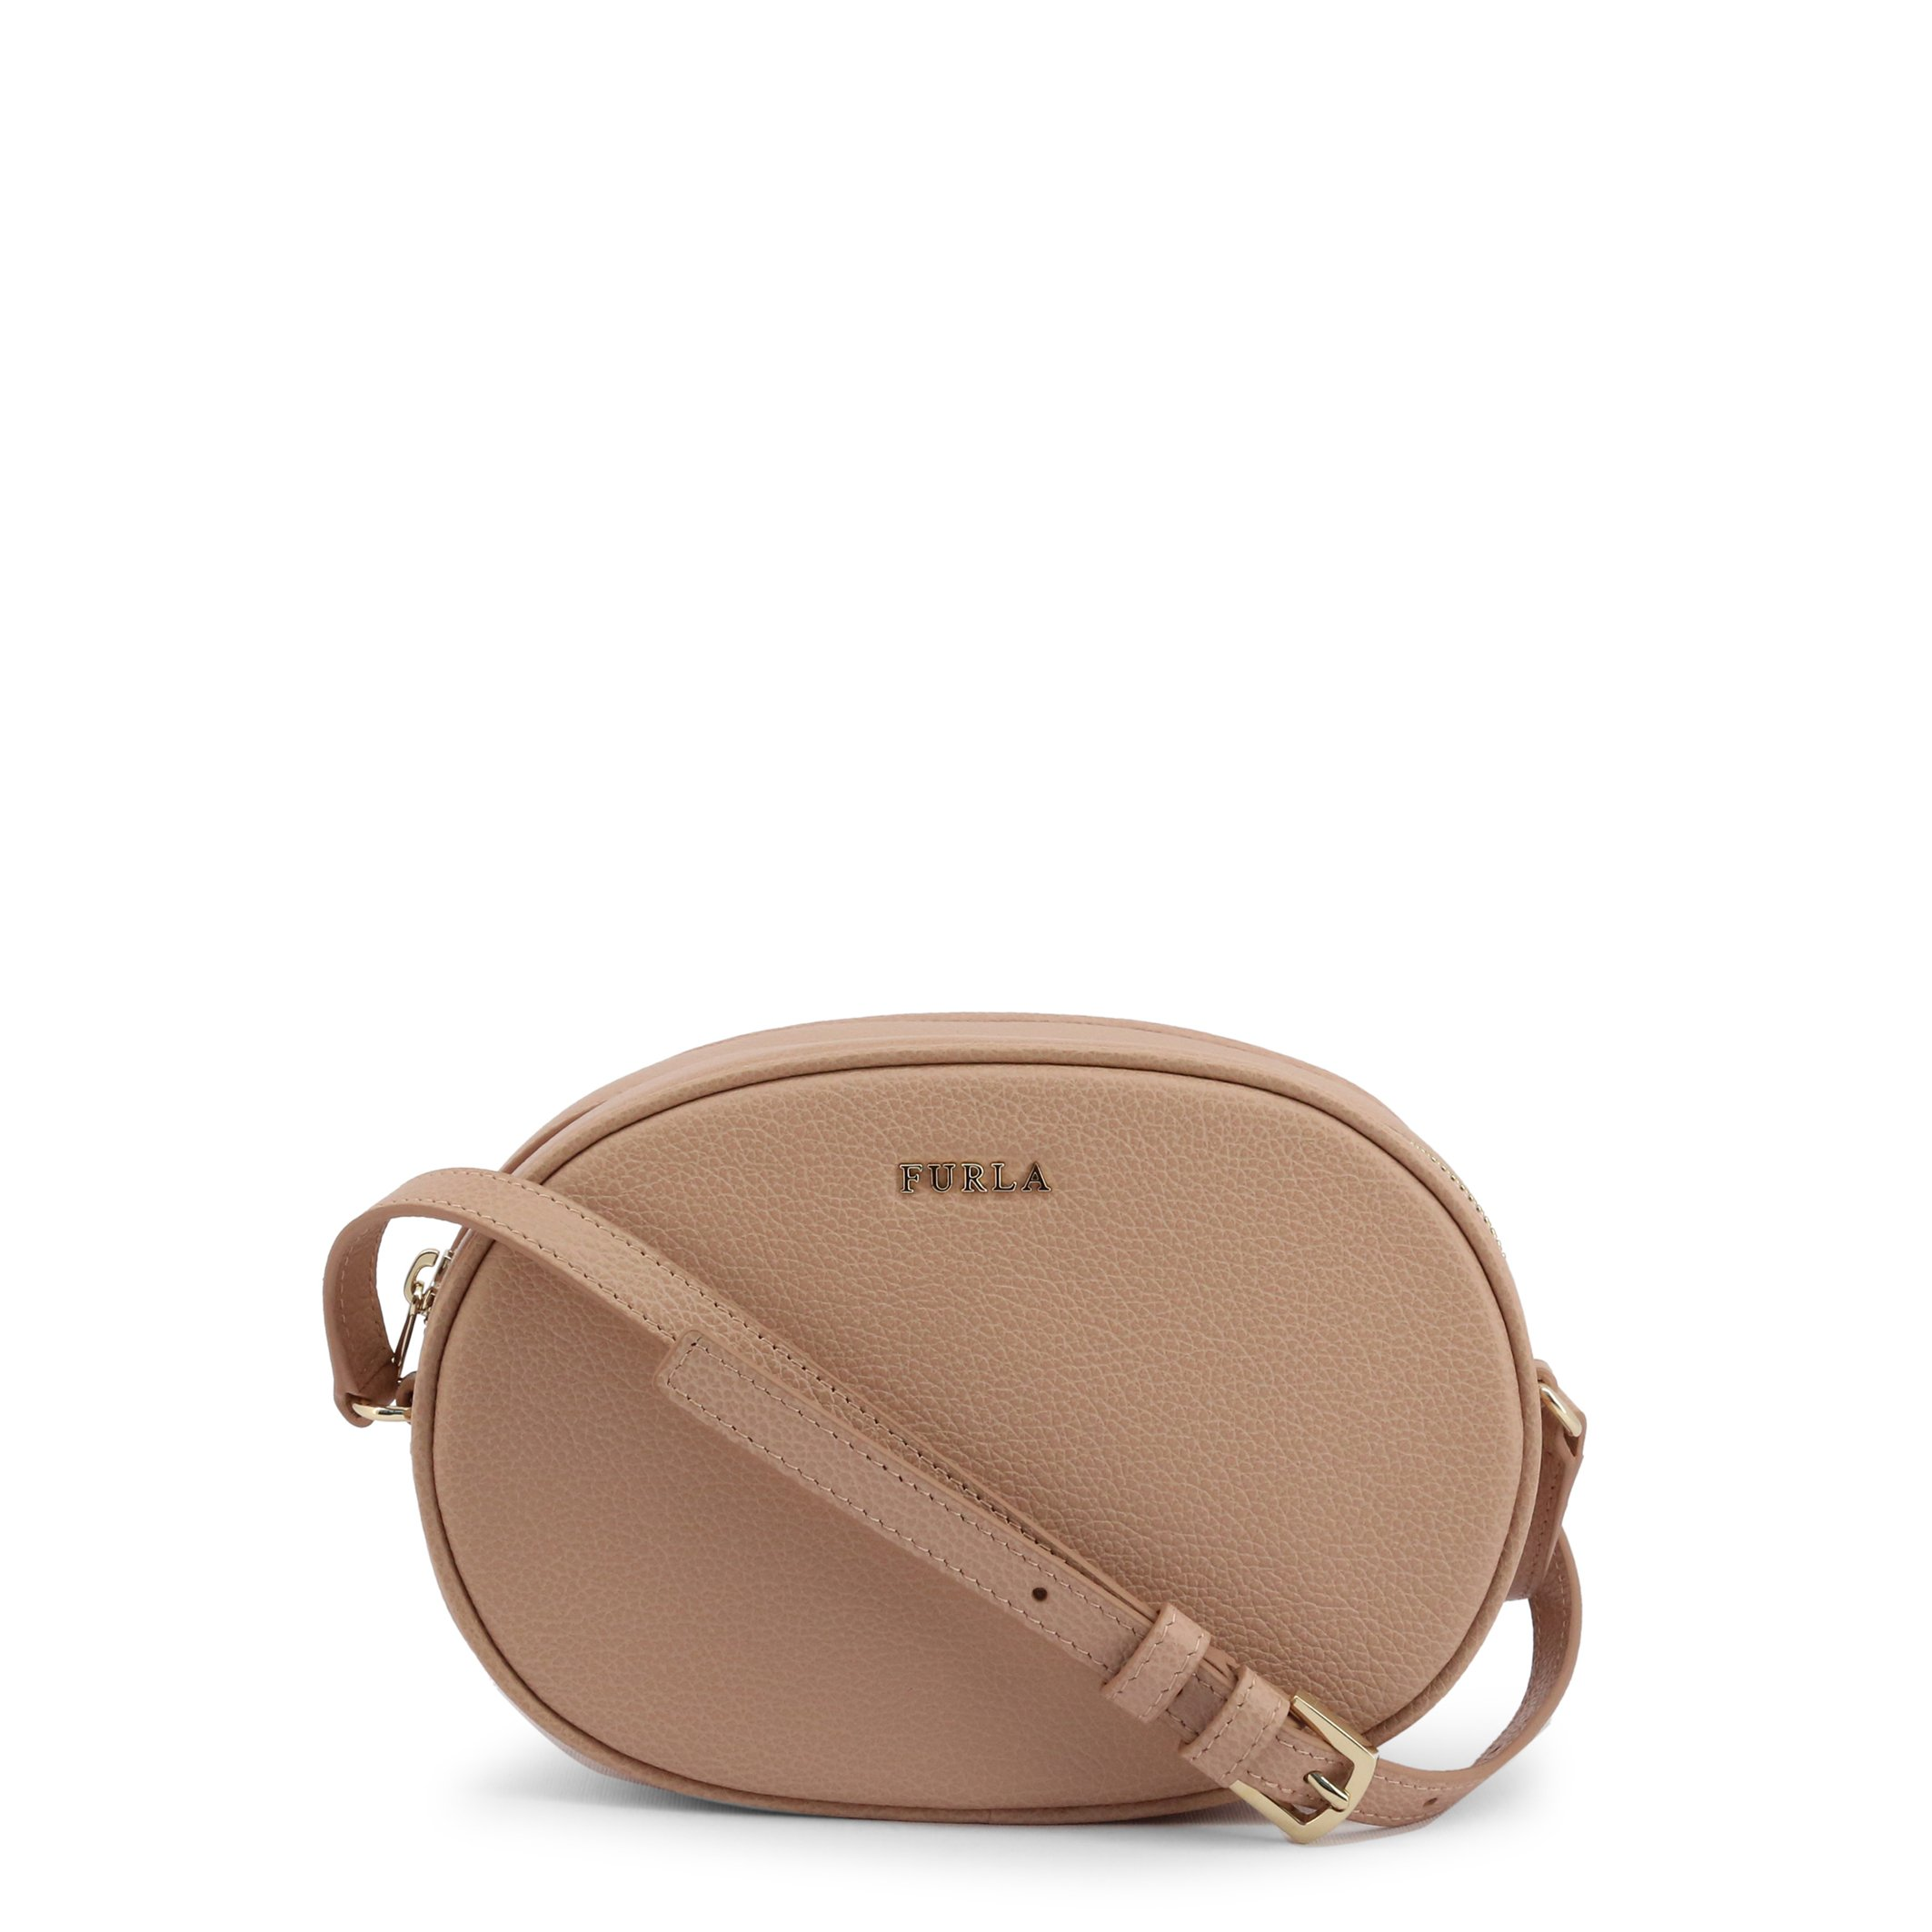 Furla Women's Crossbody Bag Various Colours CARA_VTO - brown NOSIZE